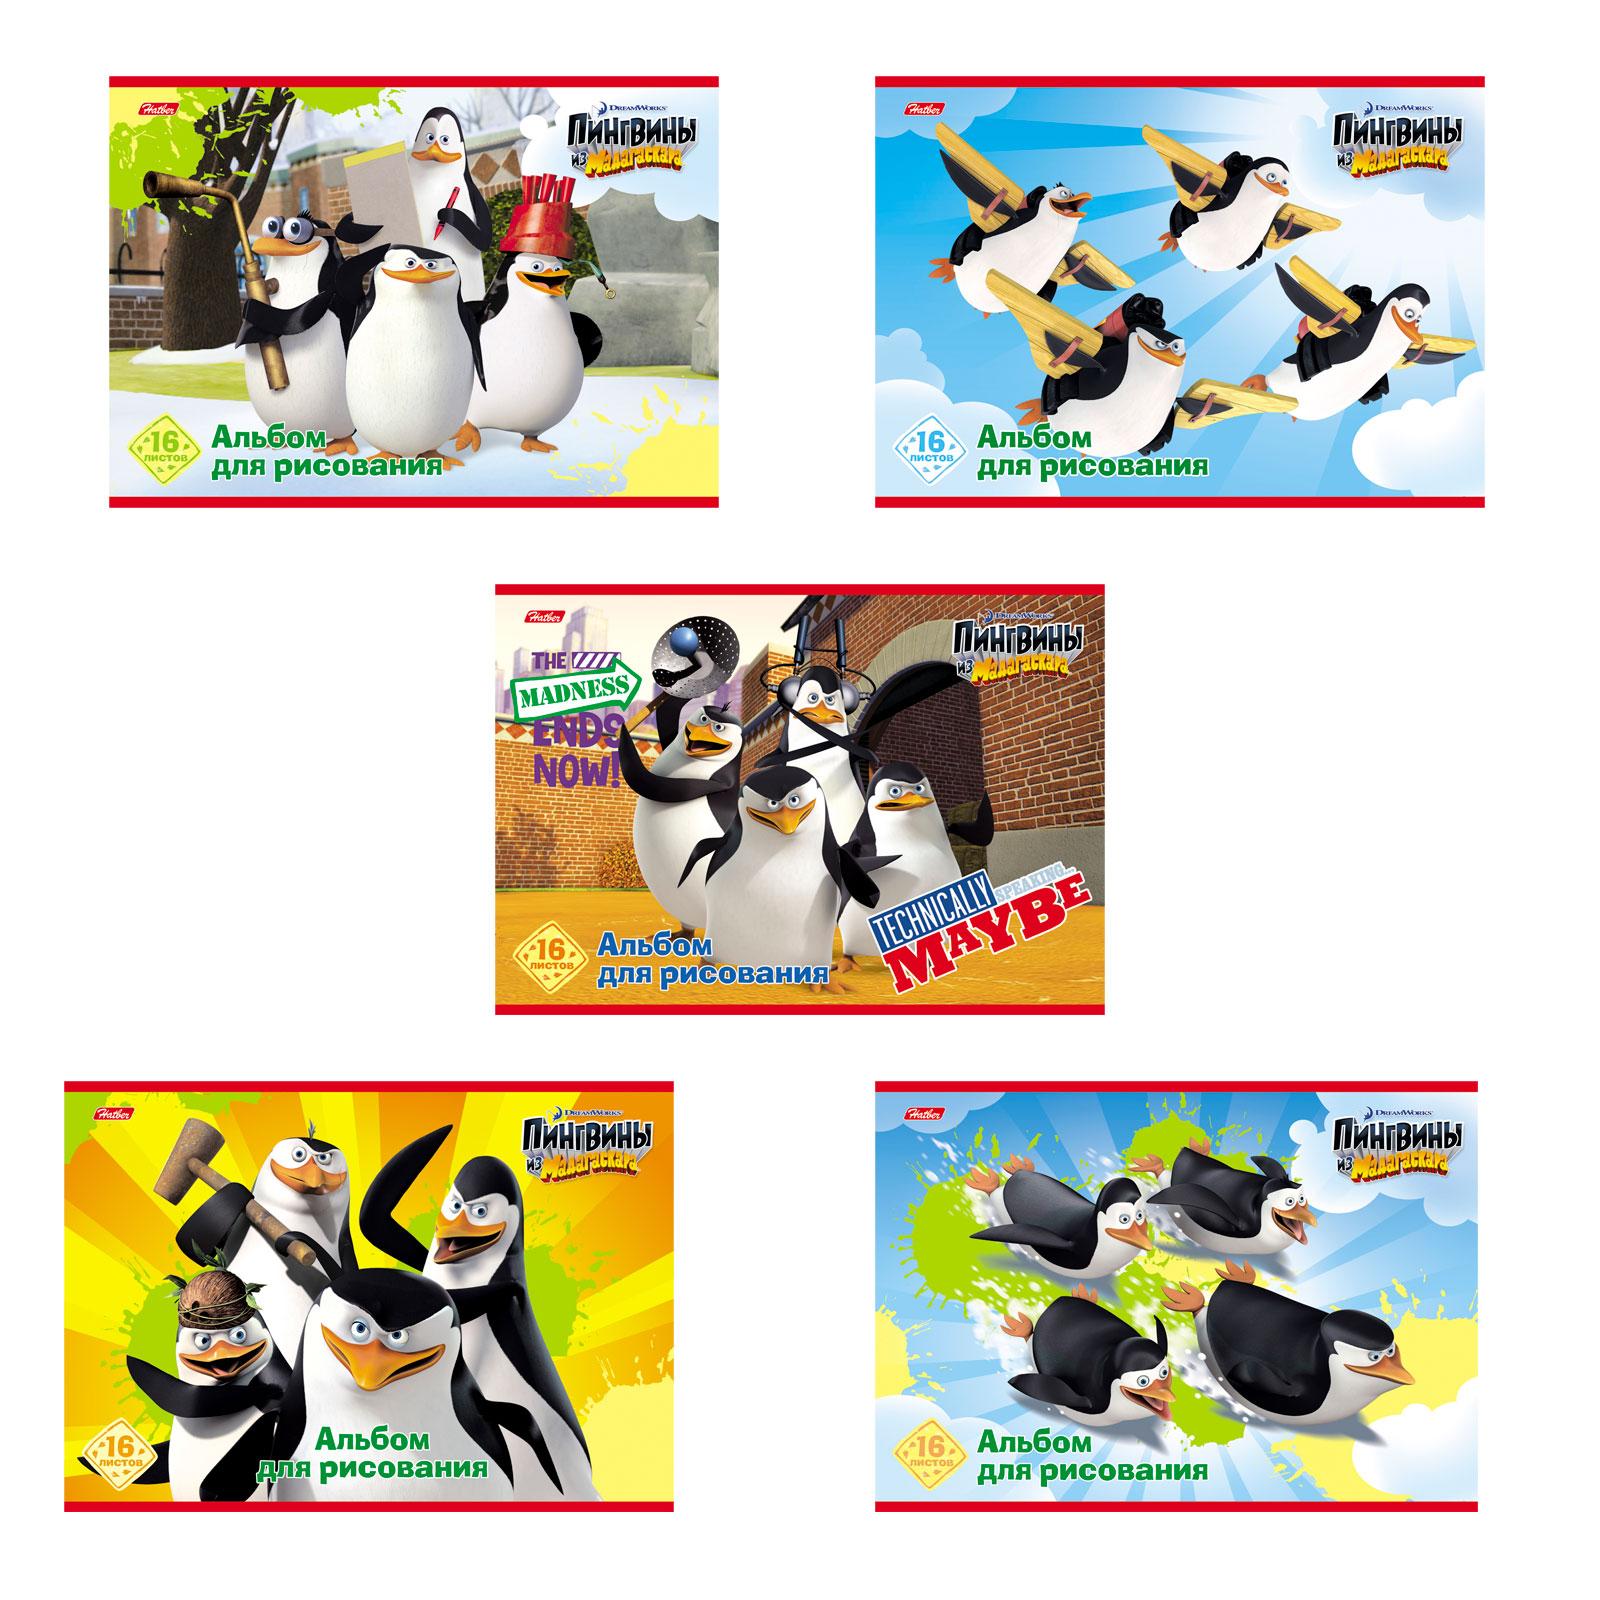 Альбом для рисования ХАТБЕР Пингвины из мадагаскара